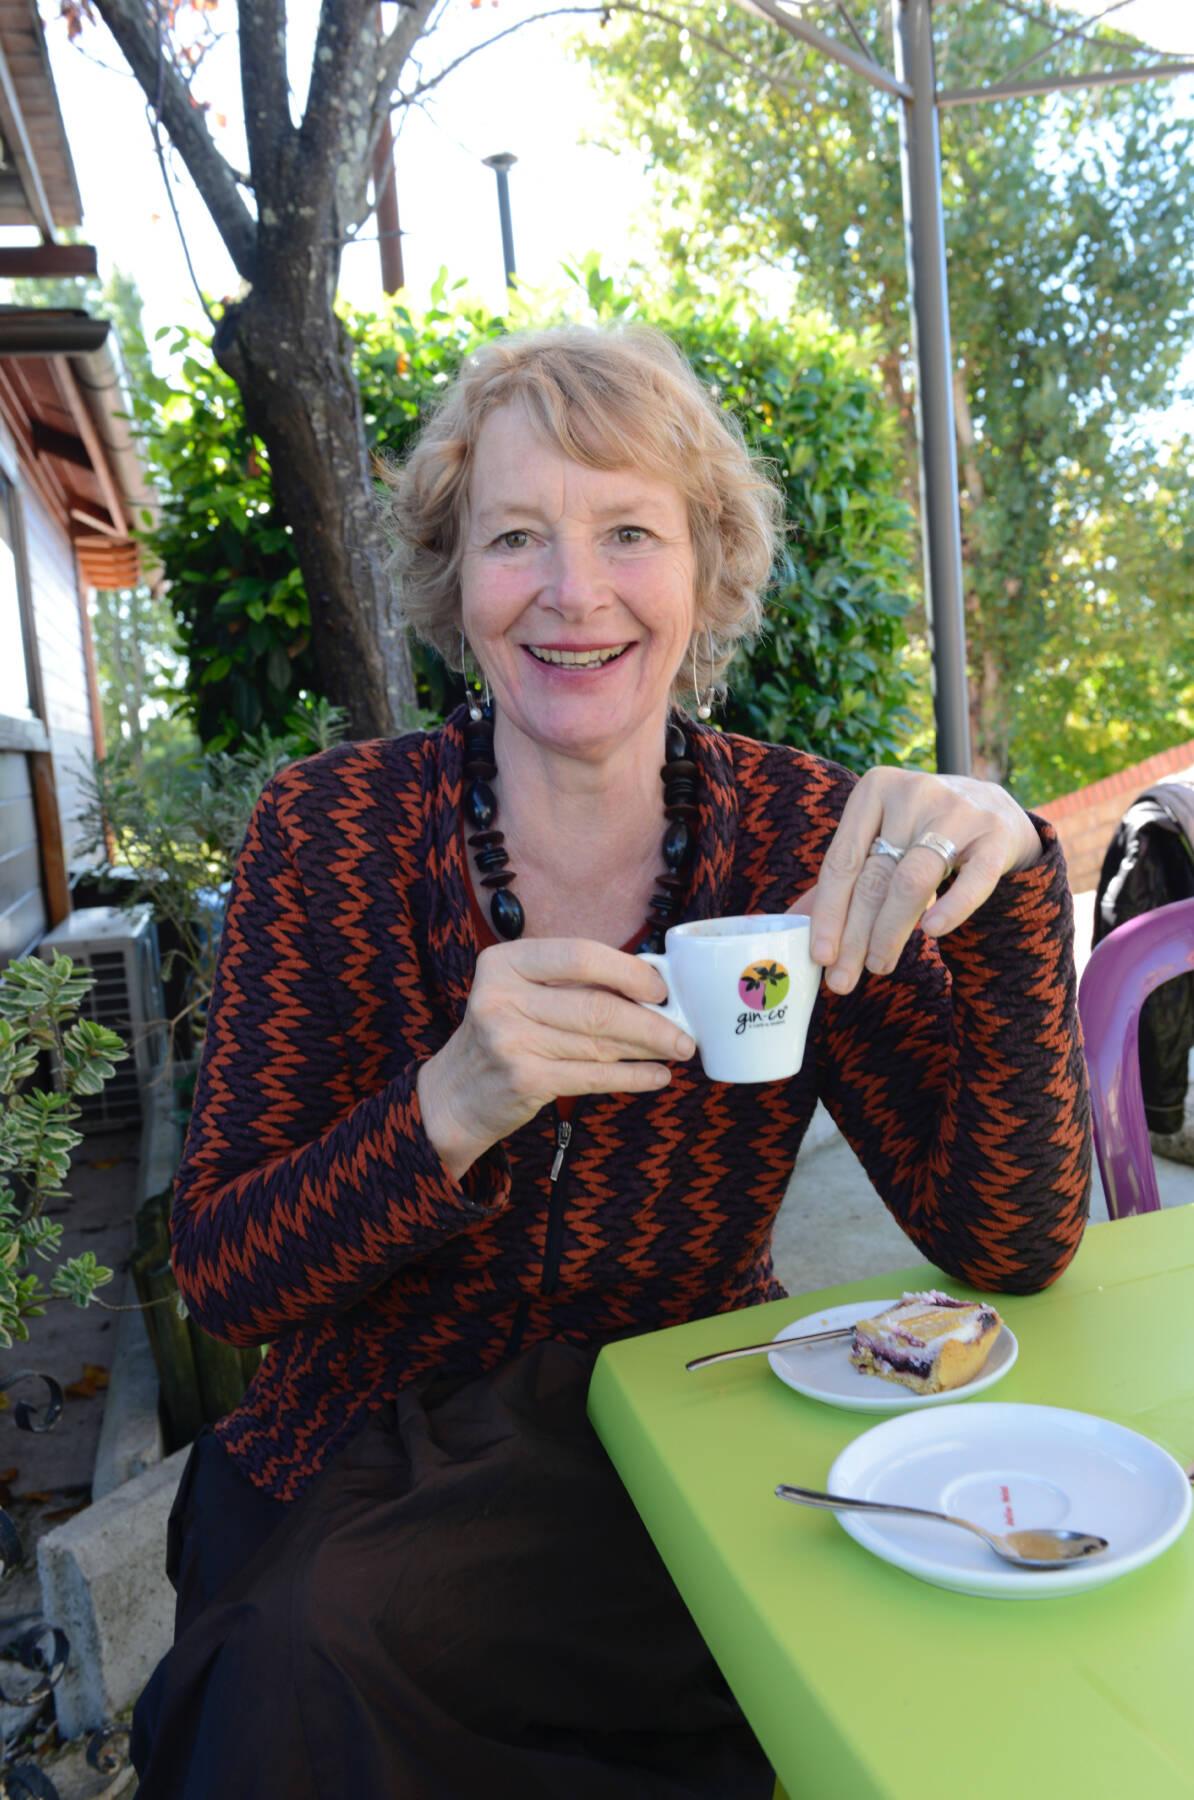 Marina bei einem Espresso in Italien